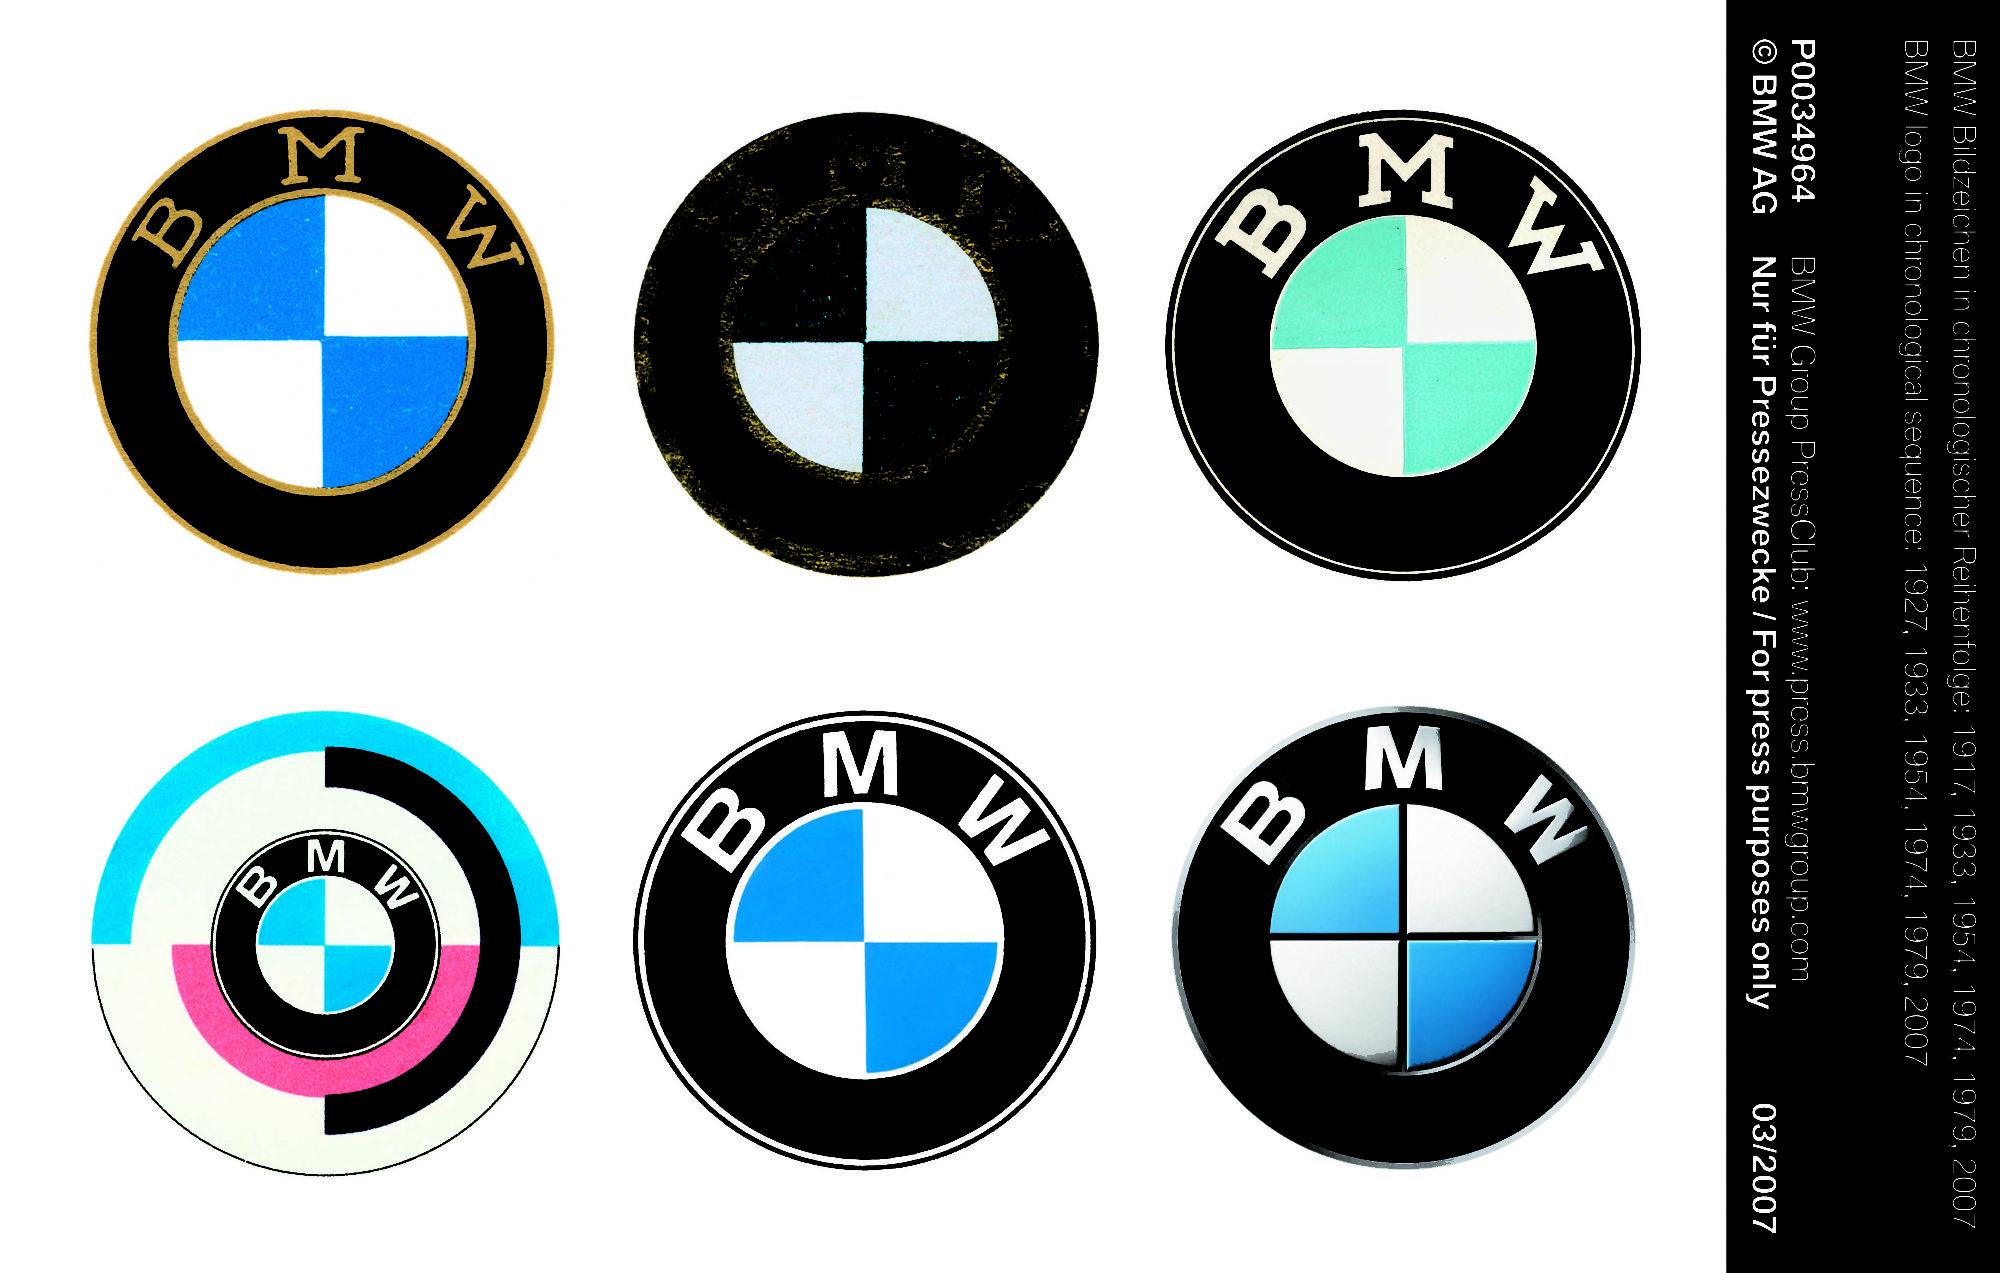 L'évolution du logo BMW dans le temps